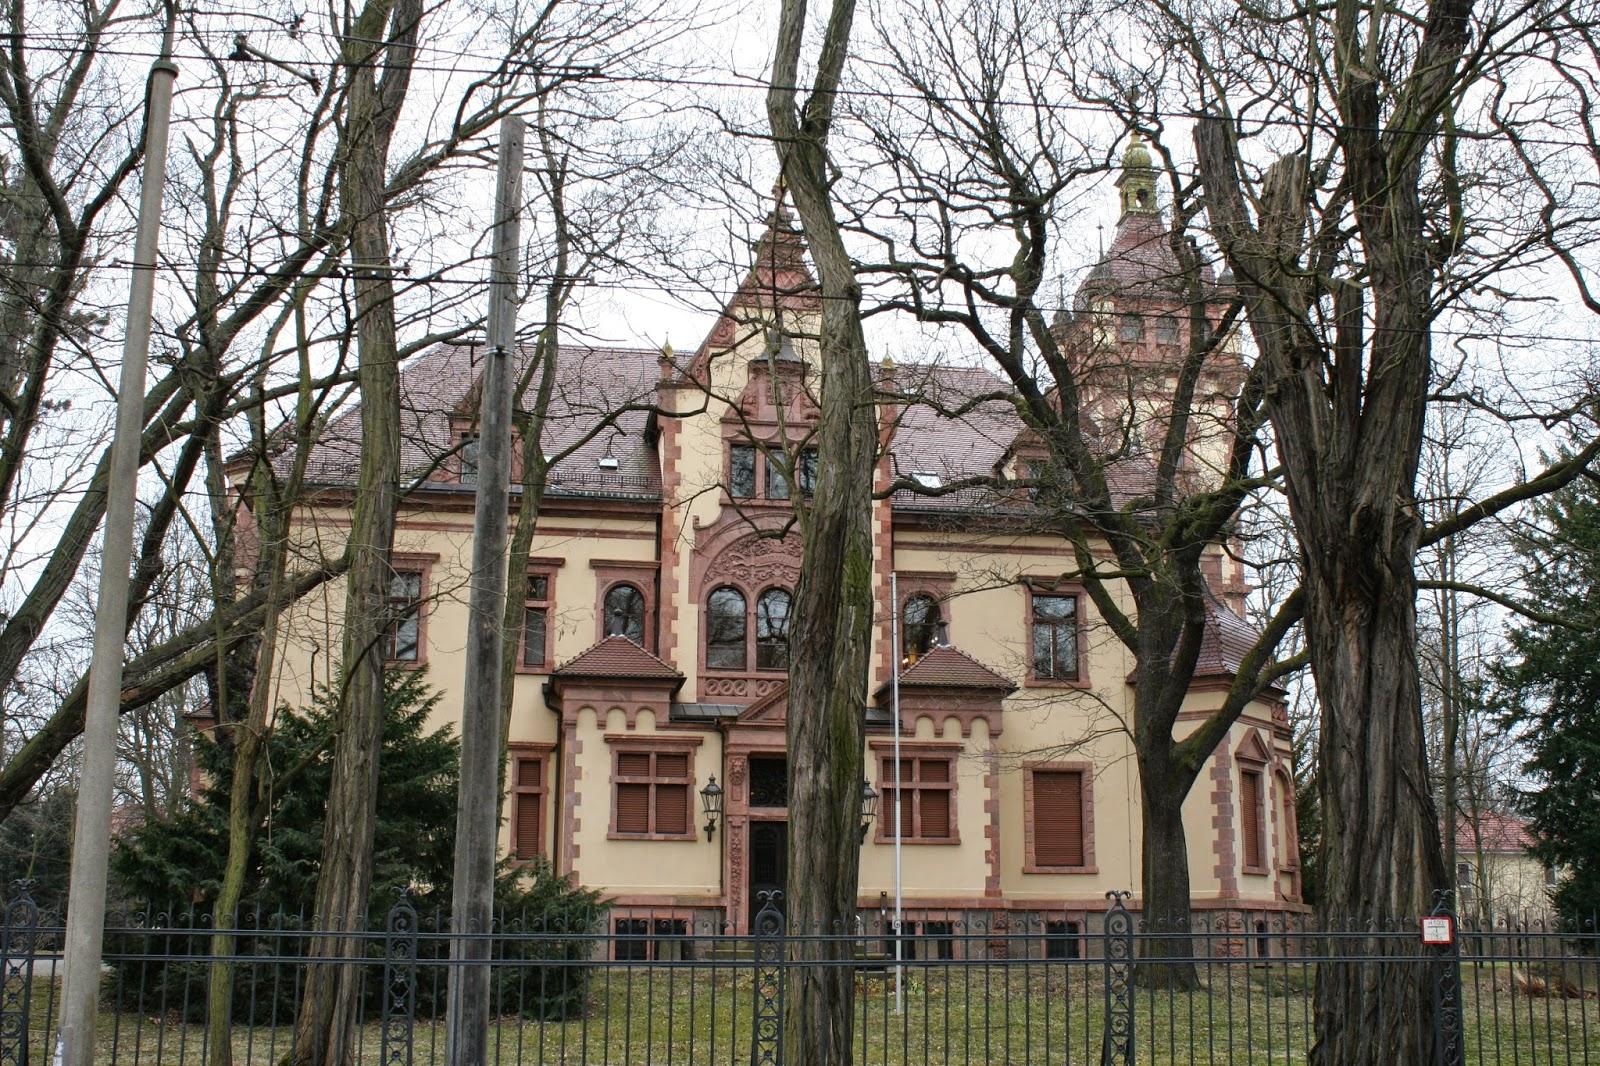 Die Thorer-Villa, in der seit 1992 das Verwaltungsgericht beheimatet ist, wurde in den Jahren 1897 und 1899 erbaut